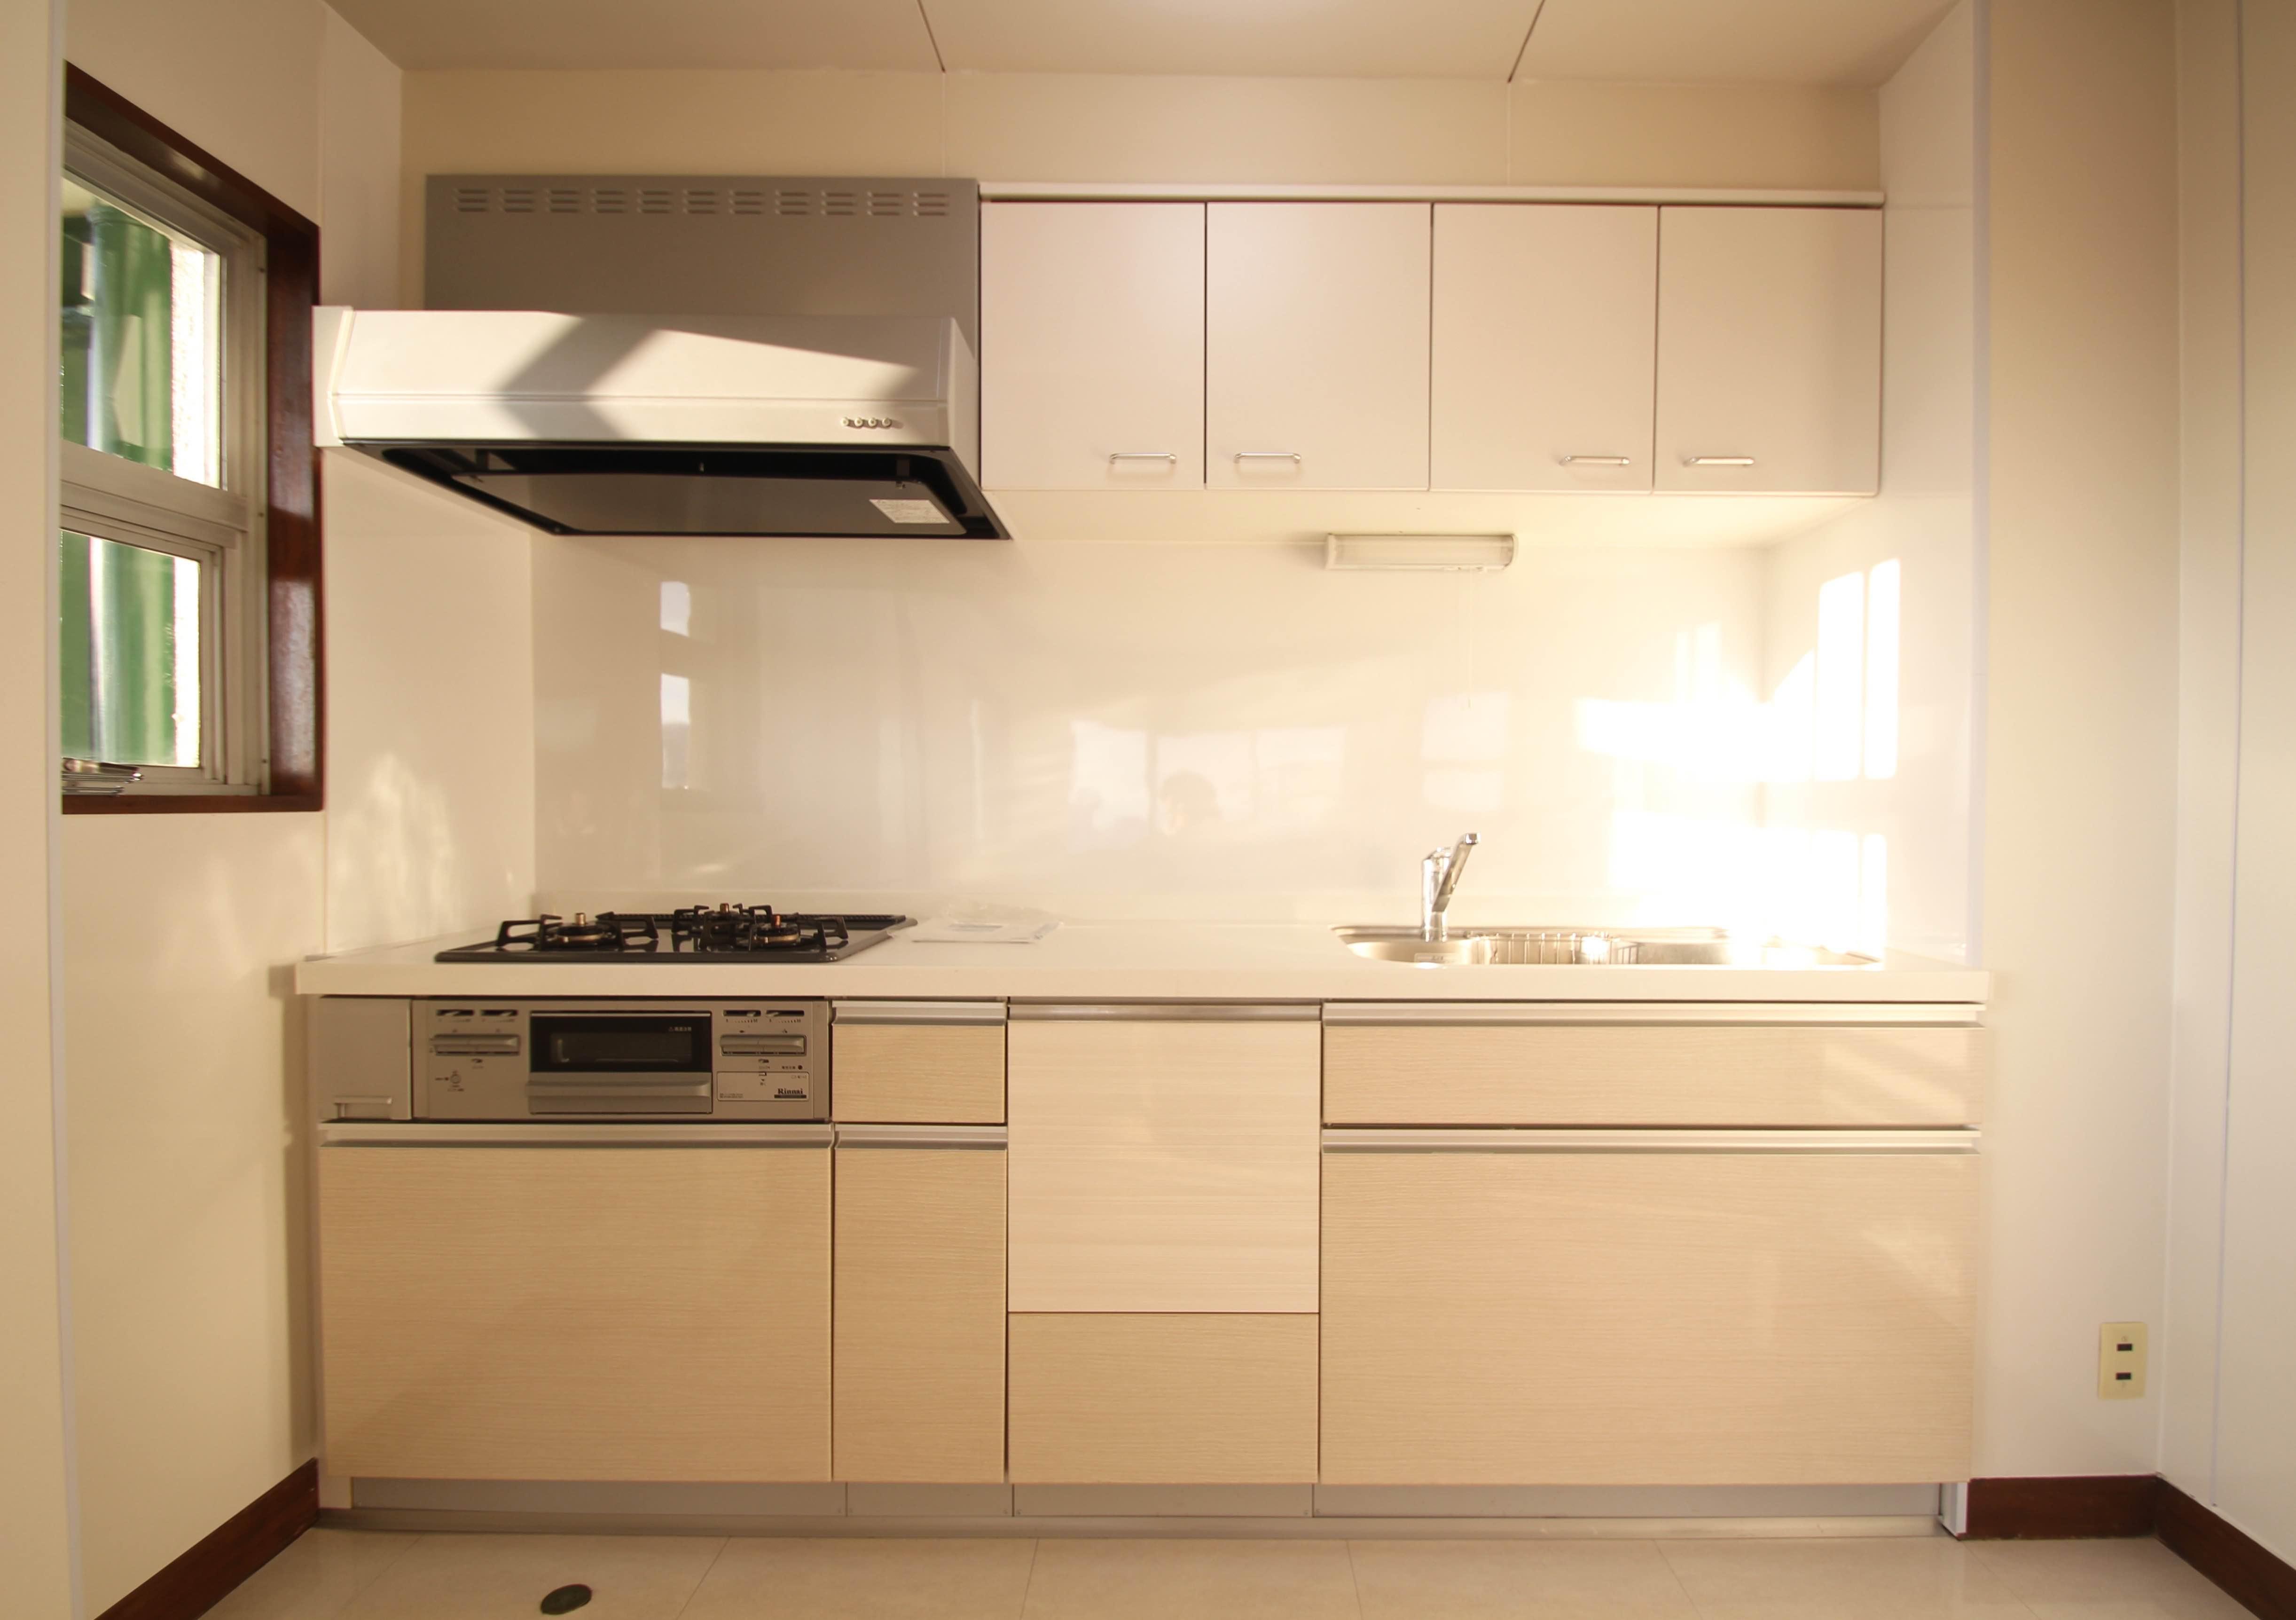 キッチンは最新で使い勝手が良さそう